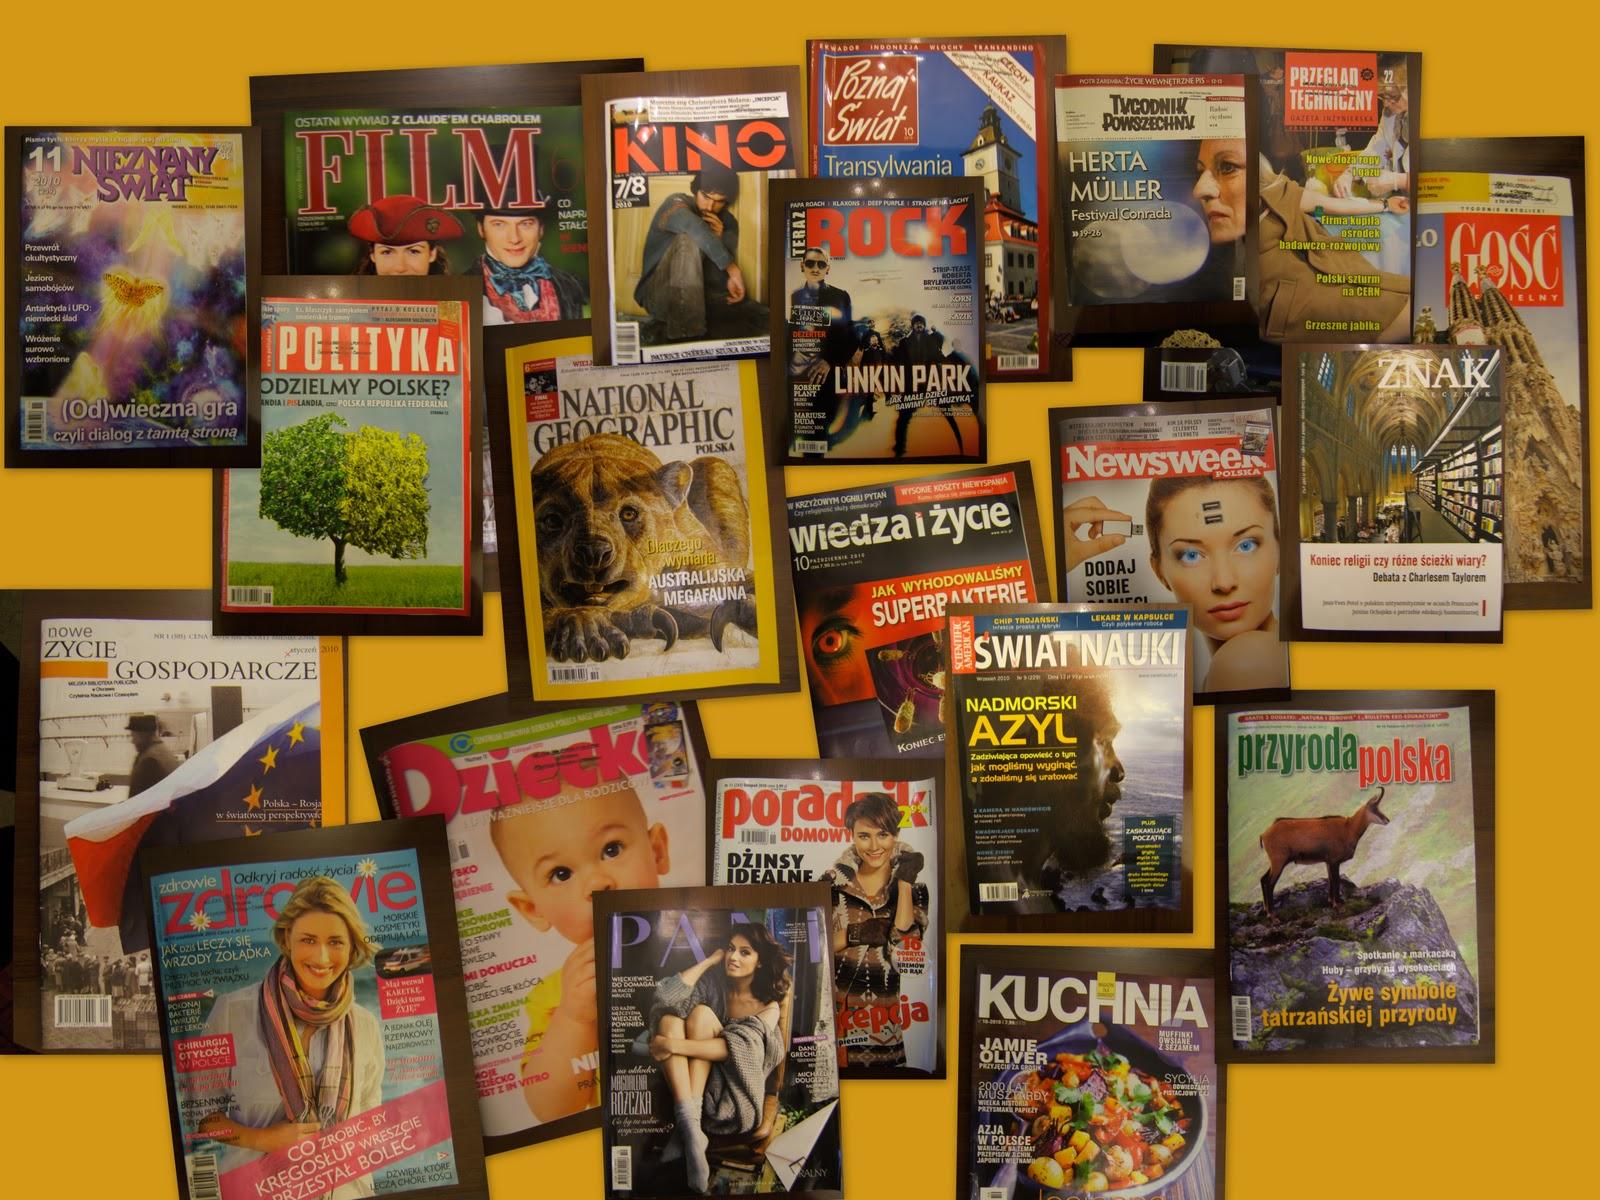 http://3.bp.blogspot.com/_9BLylzN5iYE/TOZkR29CXBI/AAAAAAAAAFI/leHb0X5dFUk/s1600/czasopisma+r%25C3%25B3%25C5%25BCne.jpg